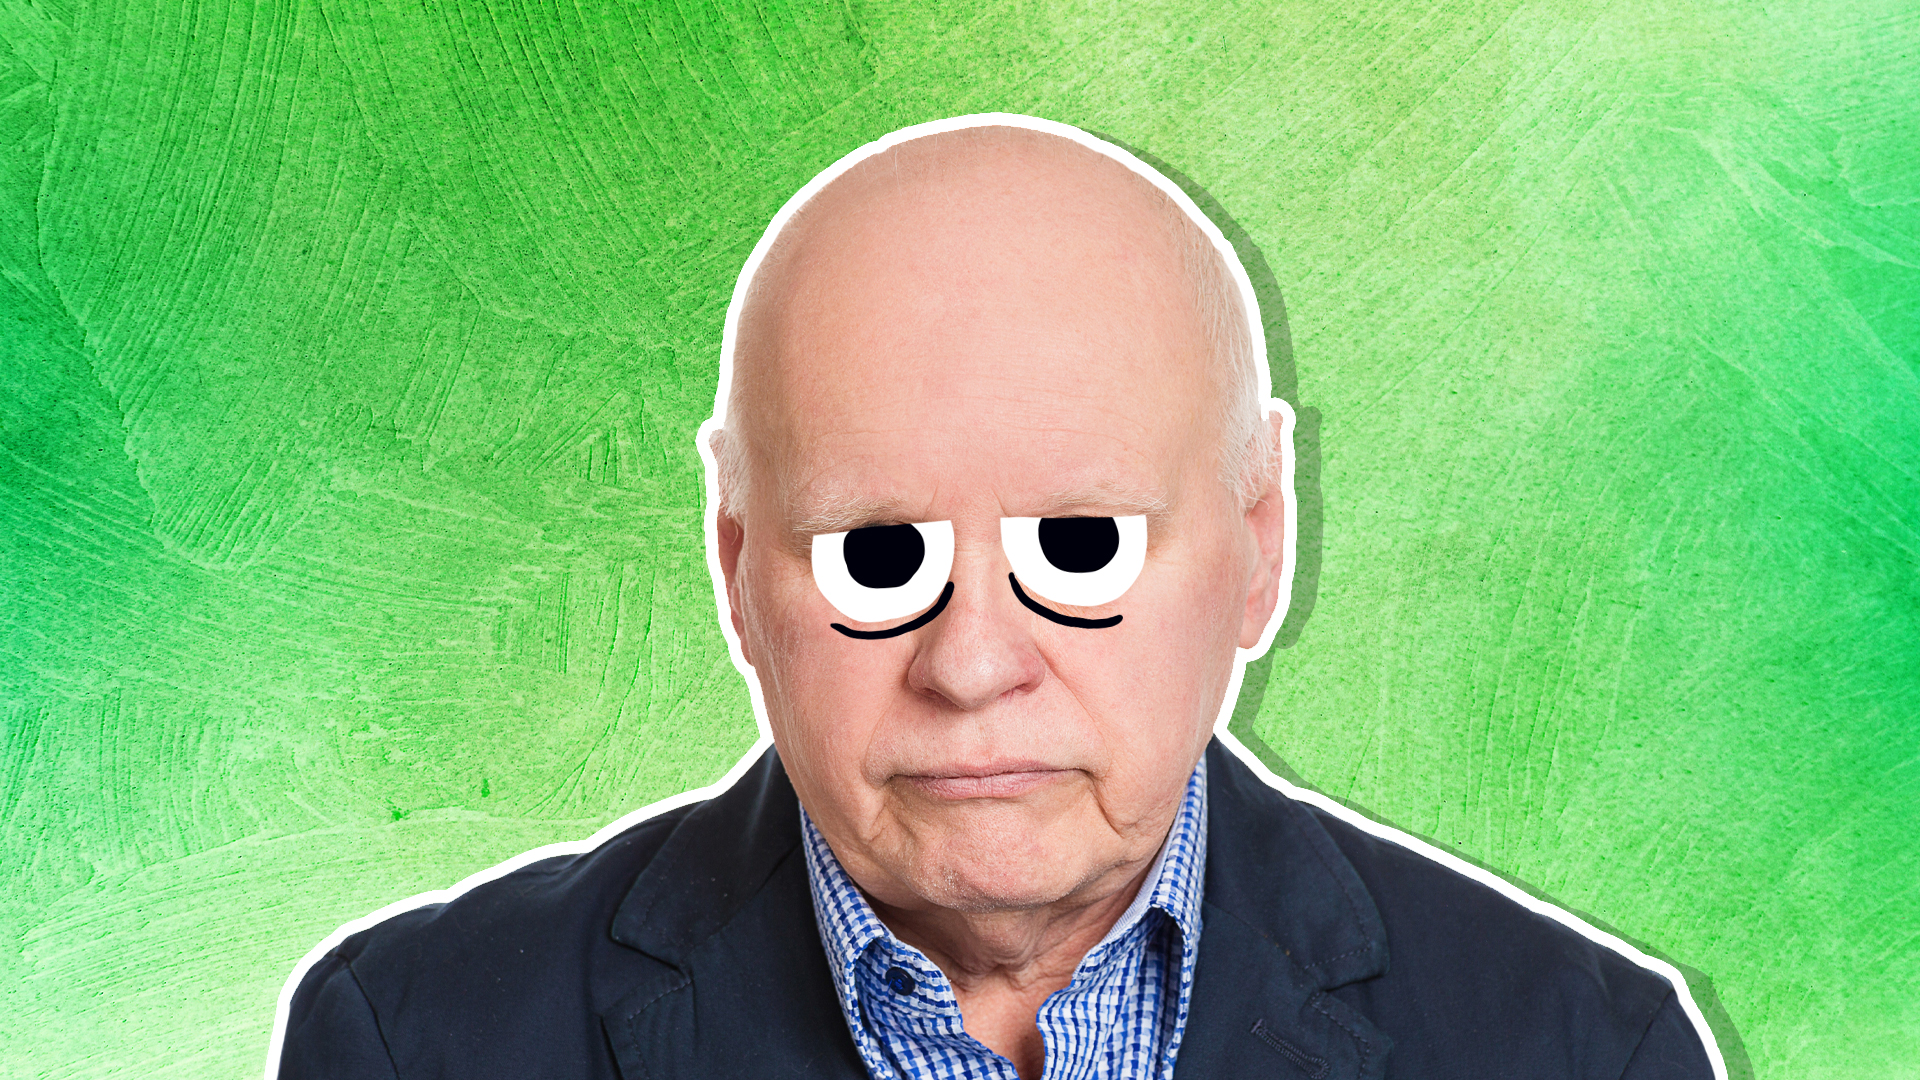 An elderly gentleman looking a little unhappy